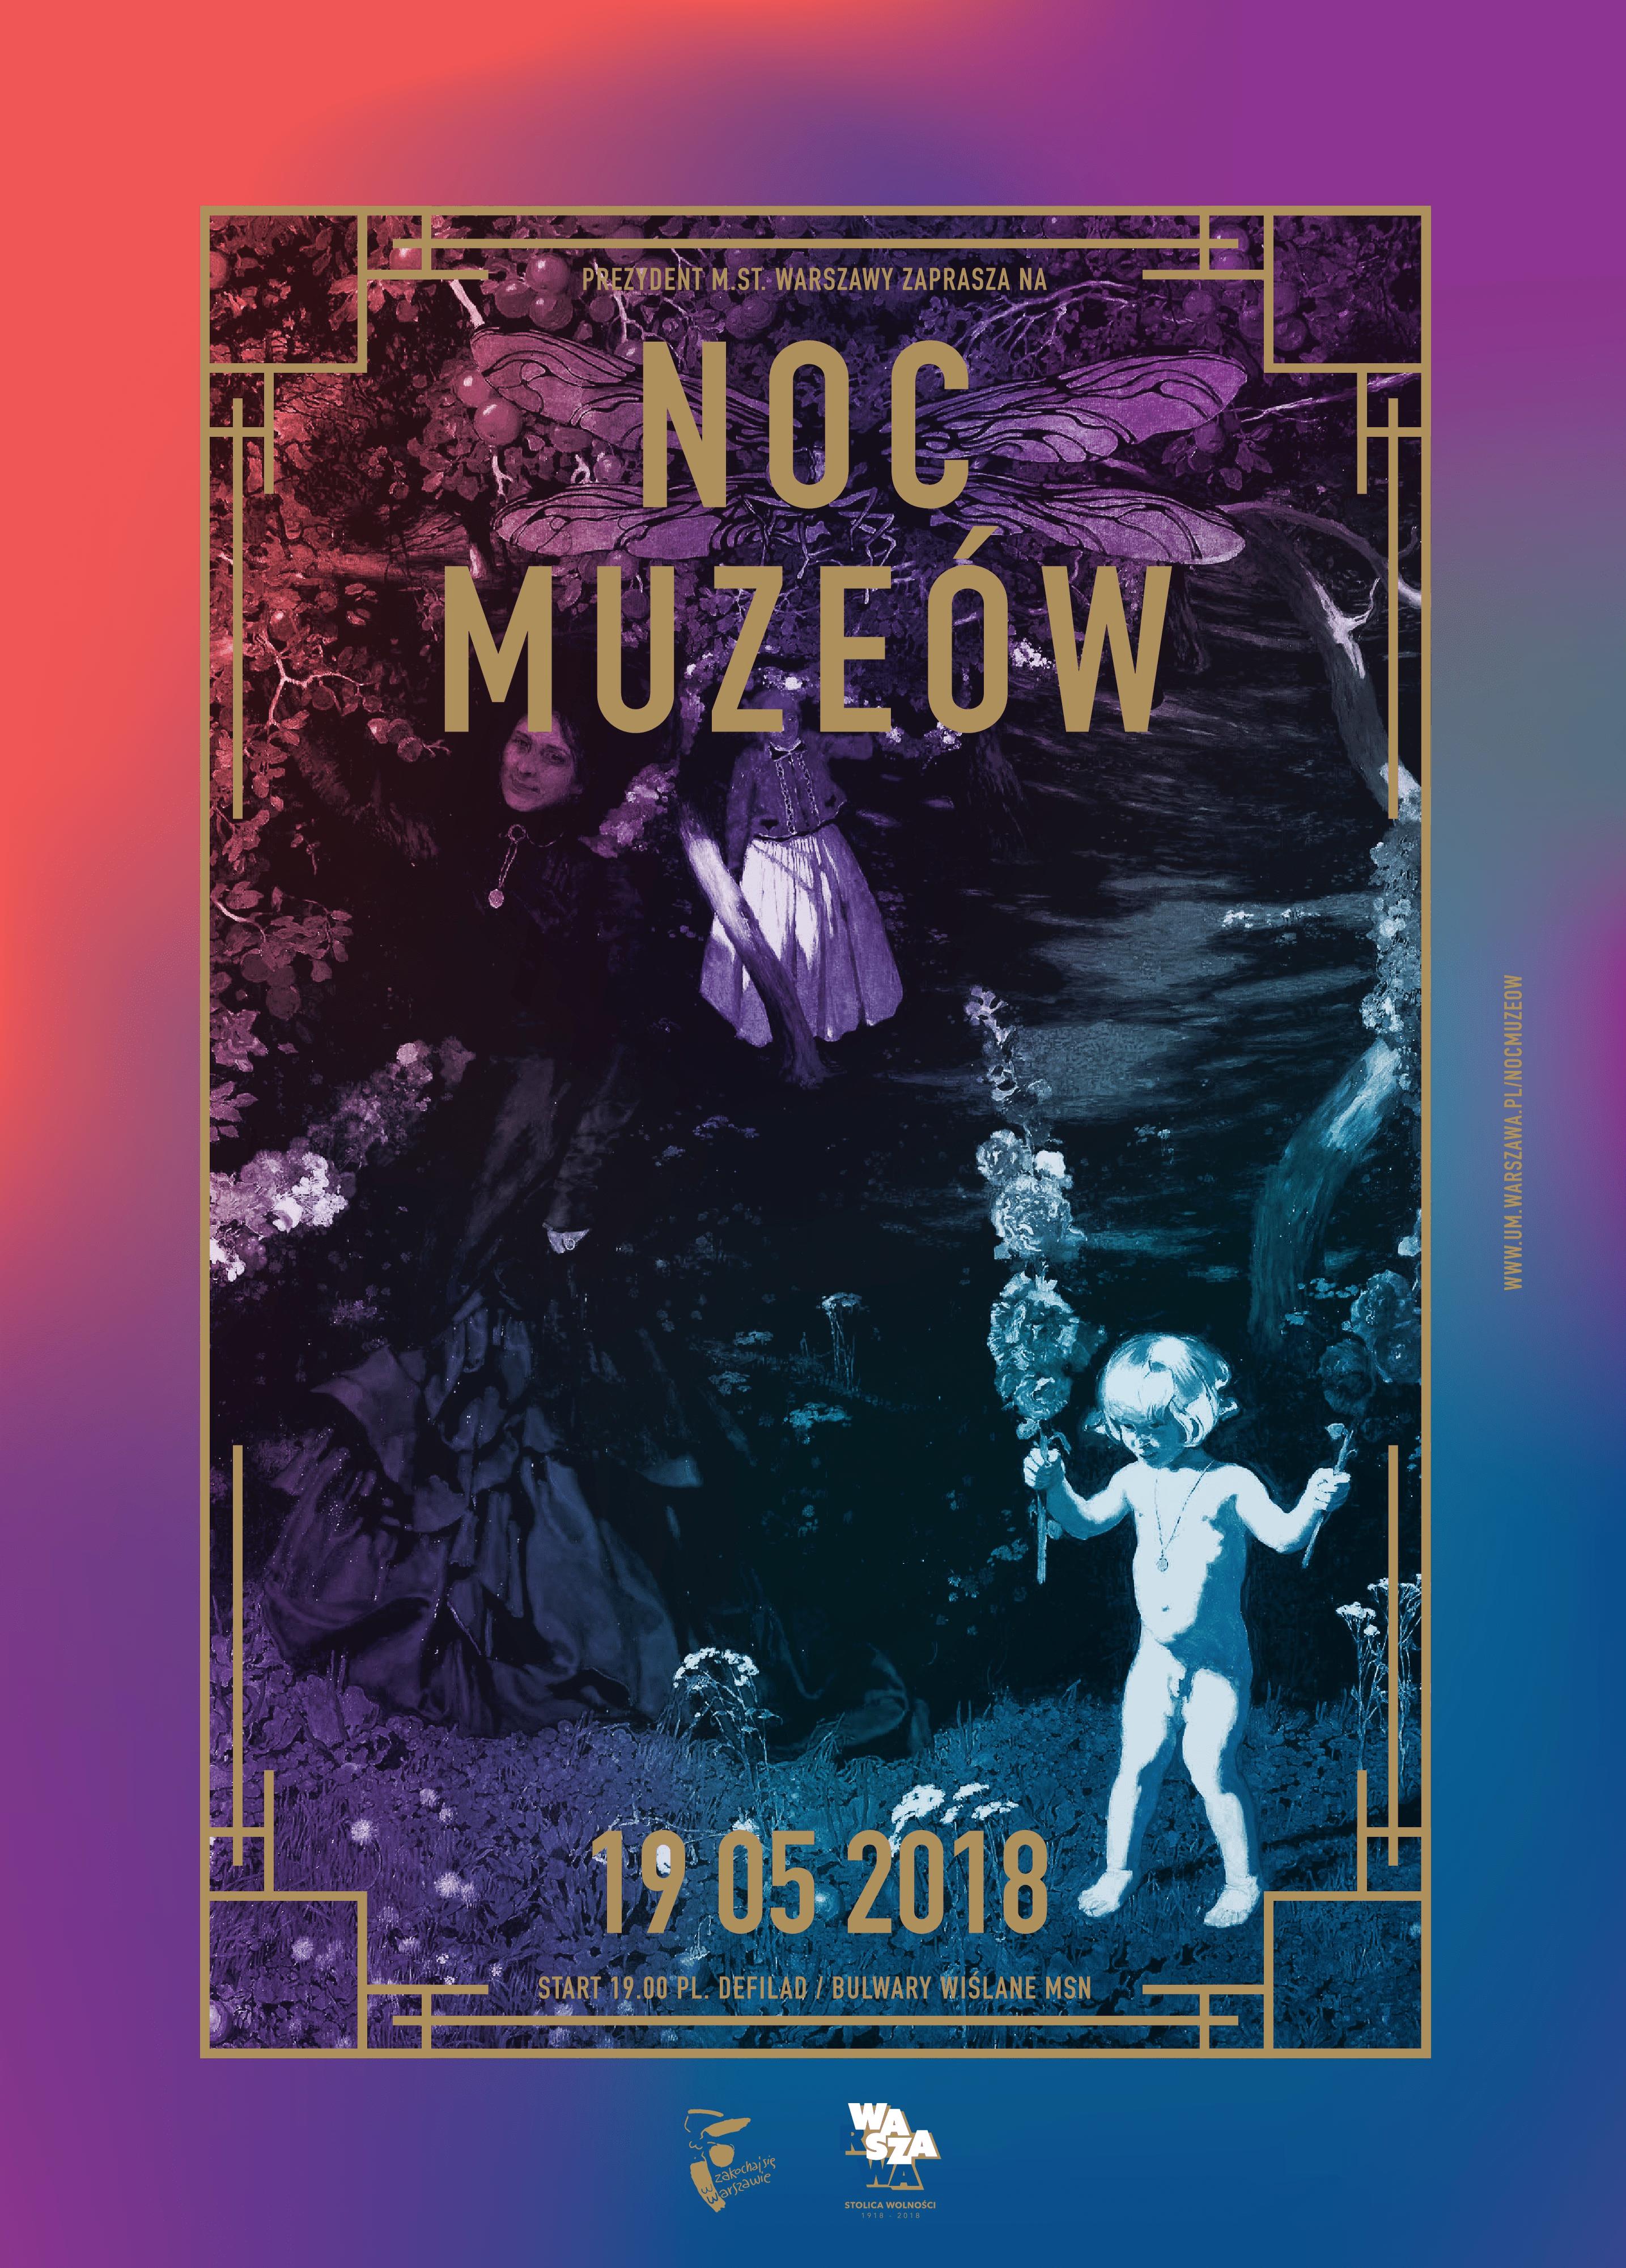 Ніч музеїв 2018 у Варшаві